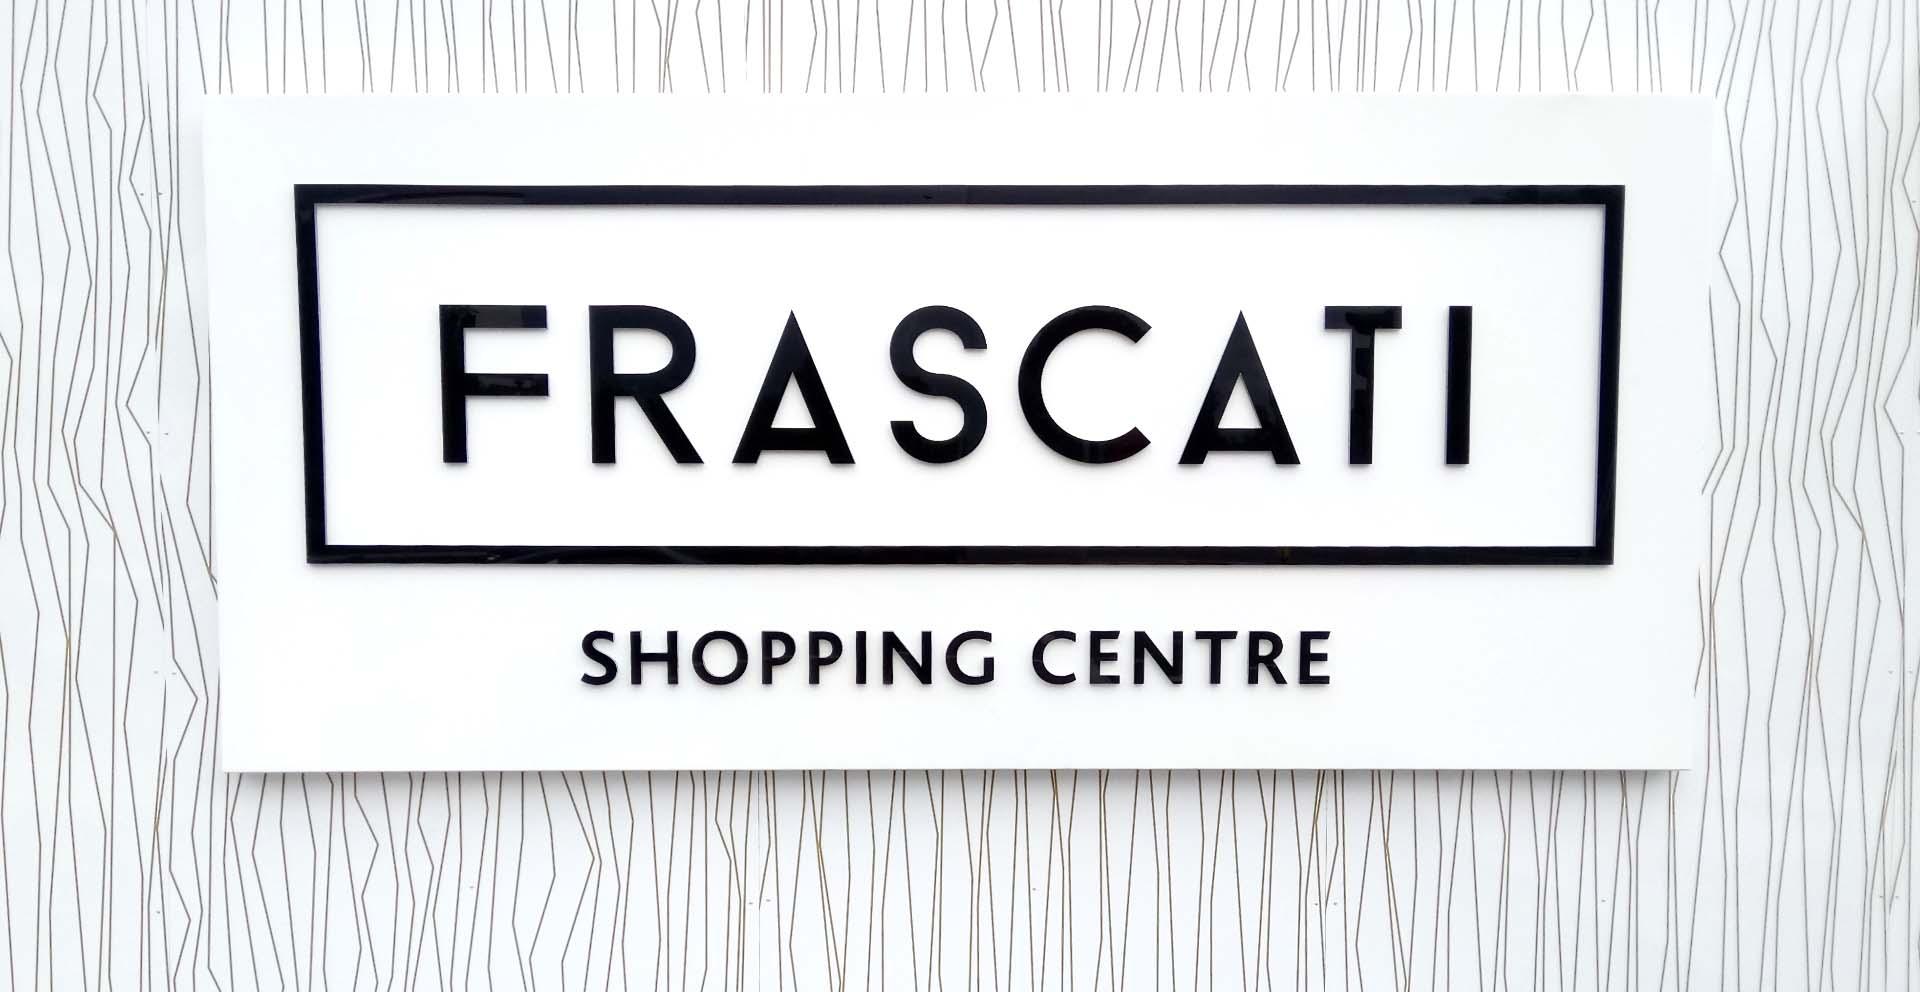 Frascati Signage Header